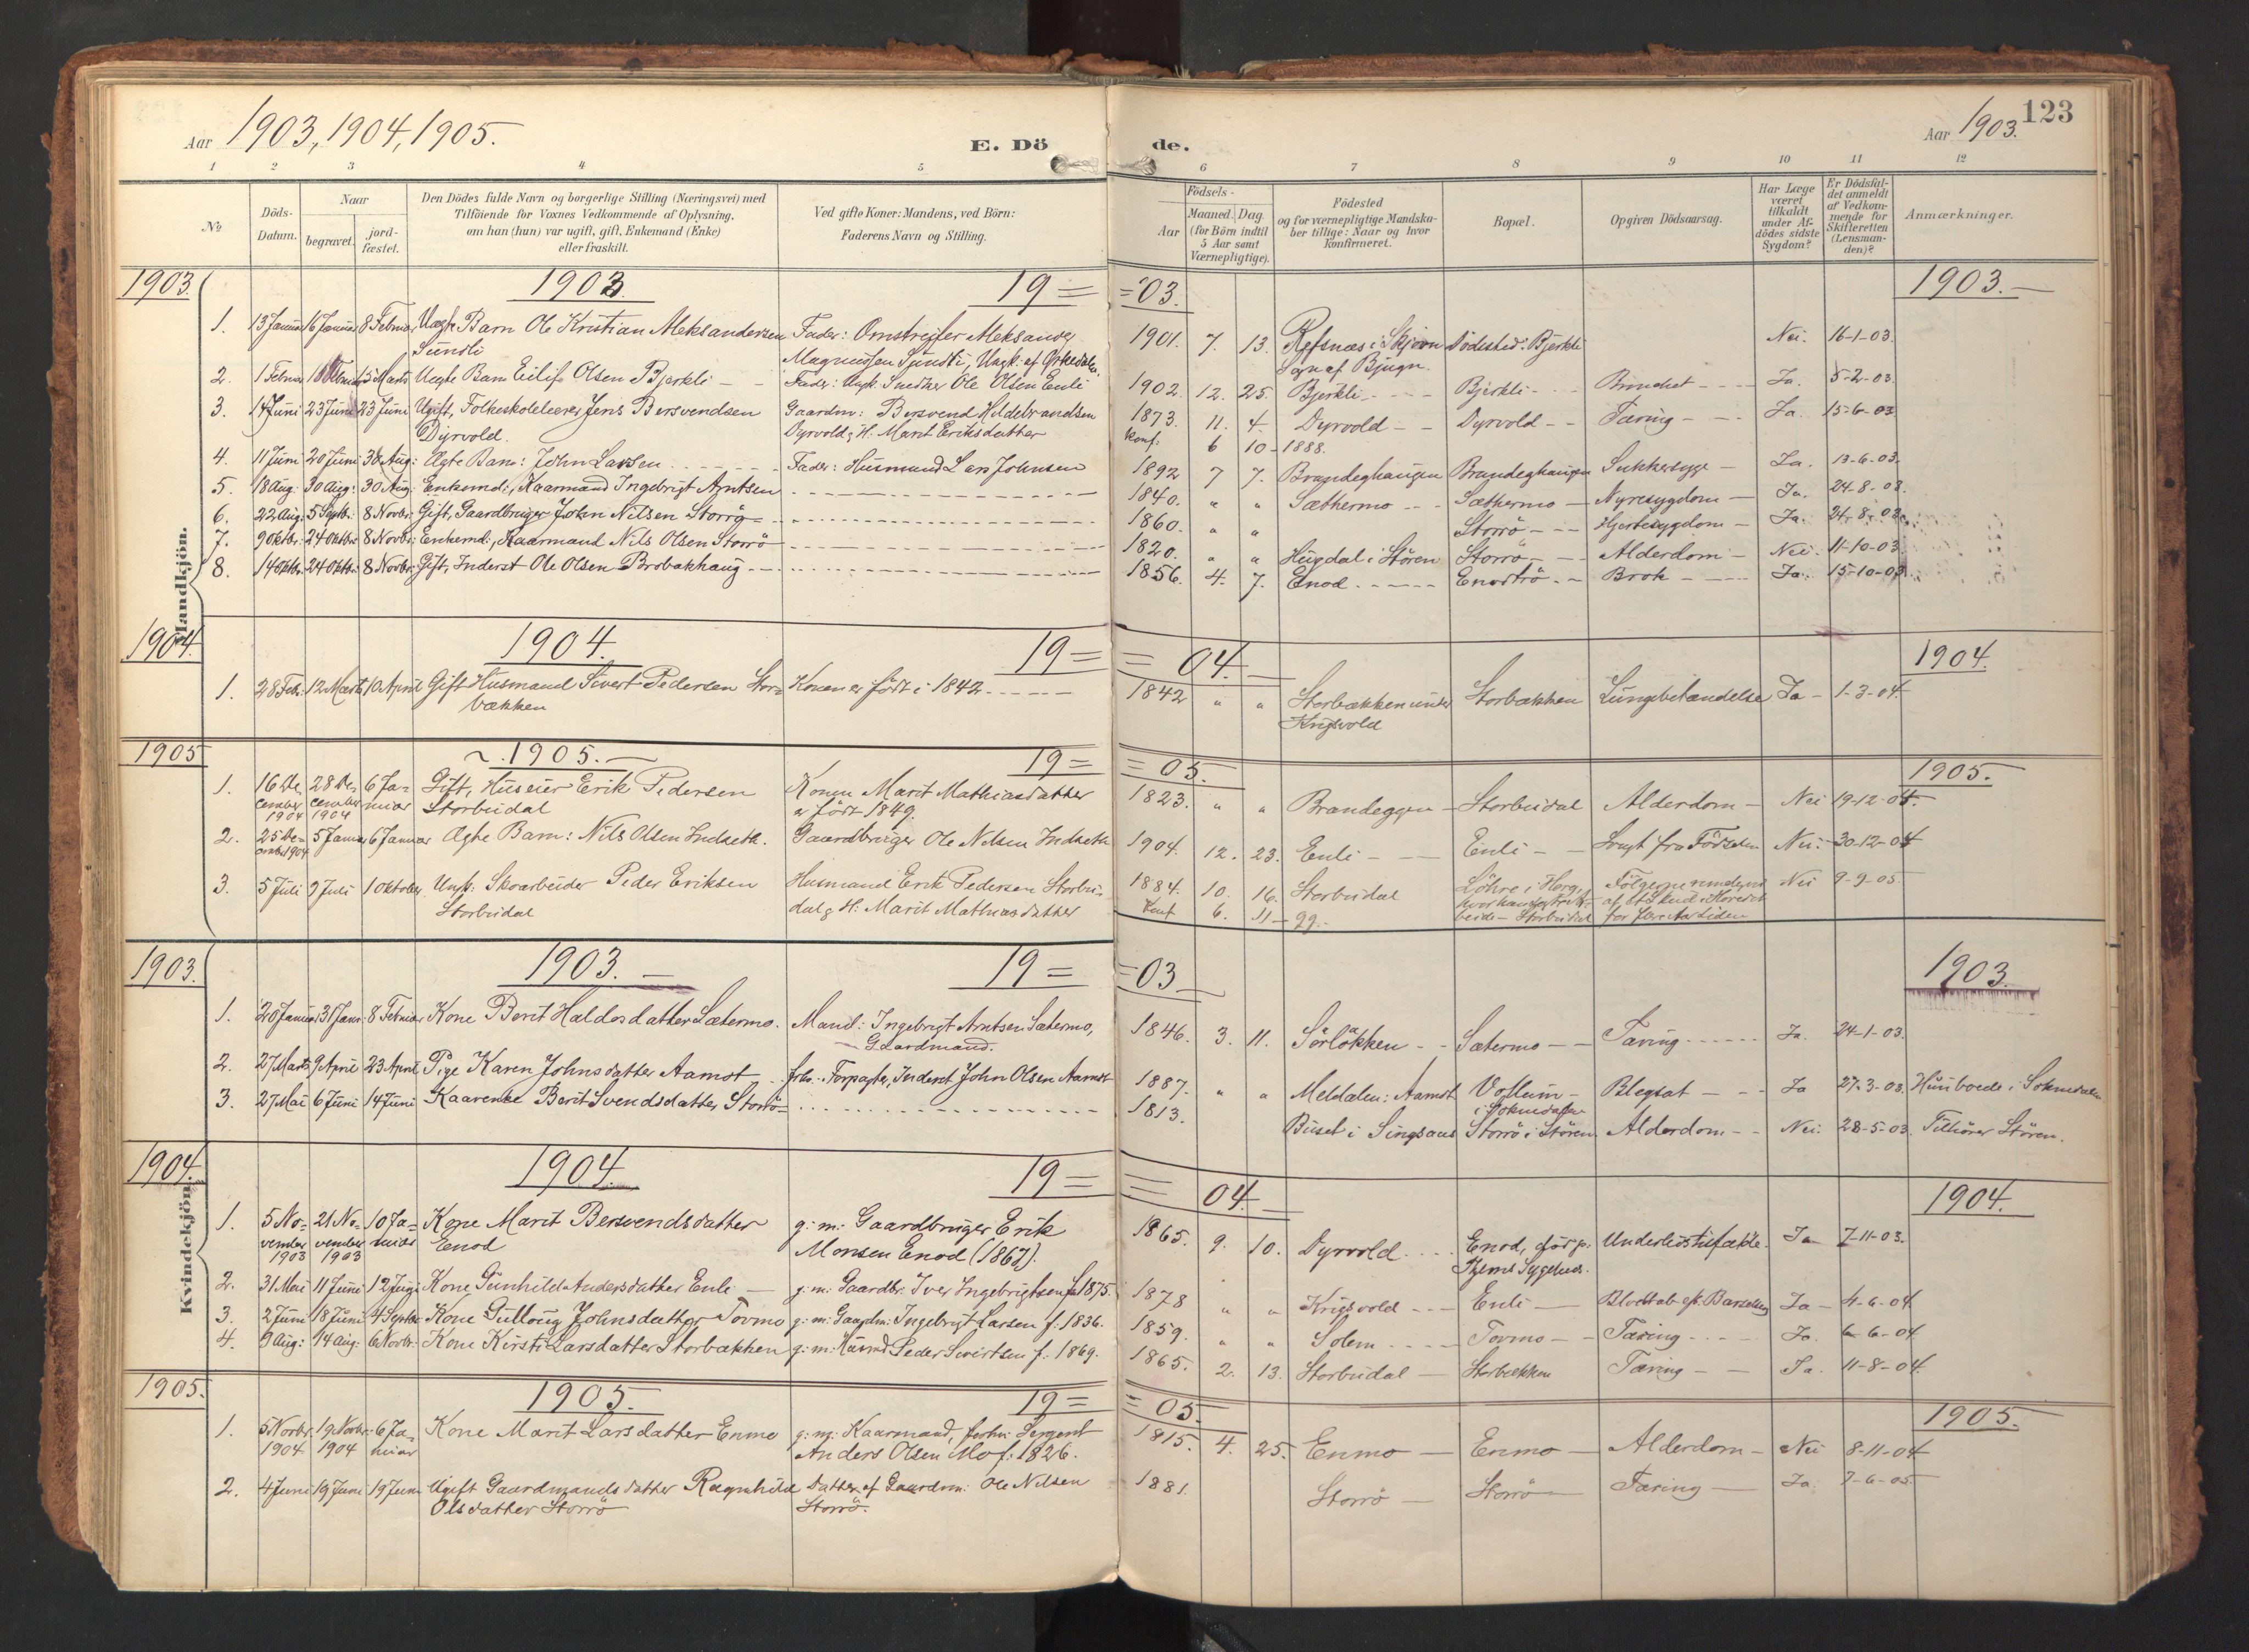 SAT, Ministerialprotokoller, klokkerbøker og fødselsregistre - Sør-Trøndelag, 690/L1050: Ministerialbok nr. 690A01, 1889-1929, s. 123